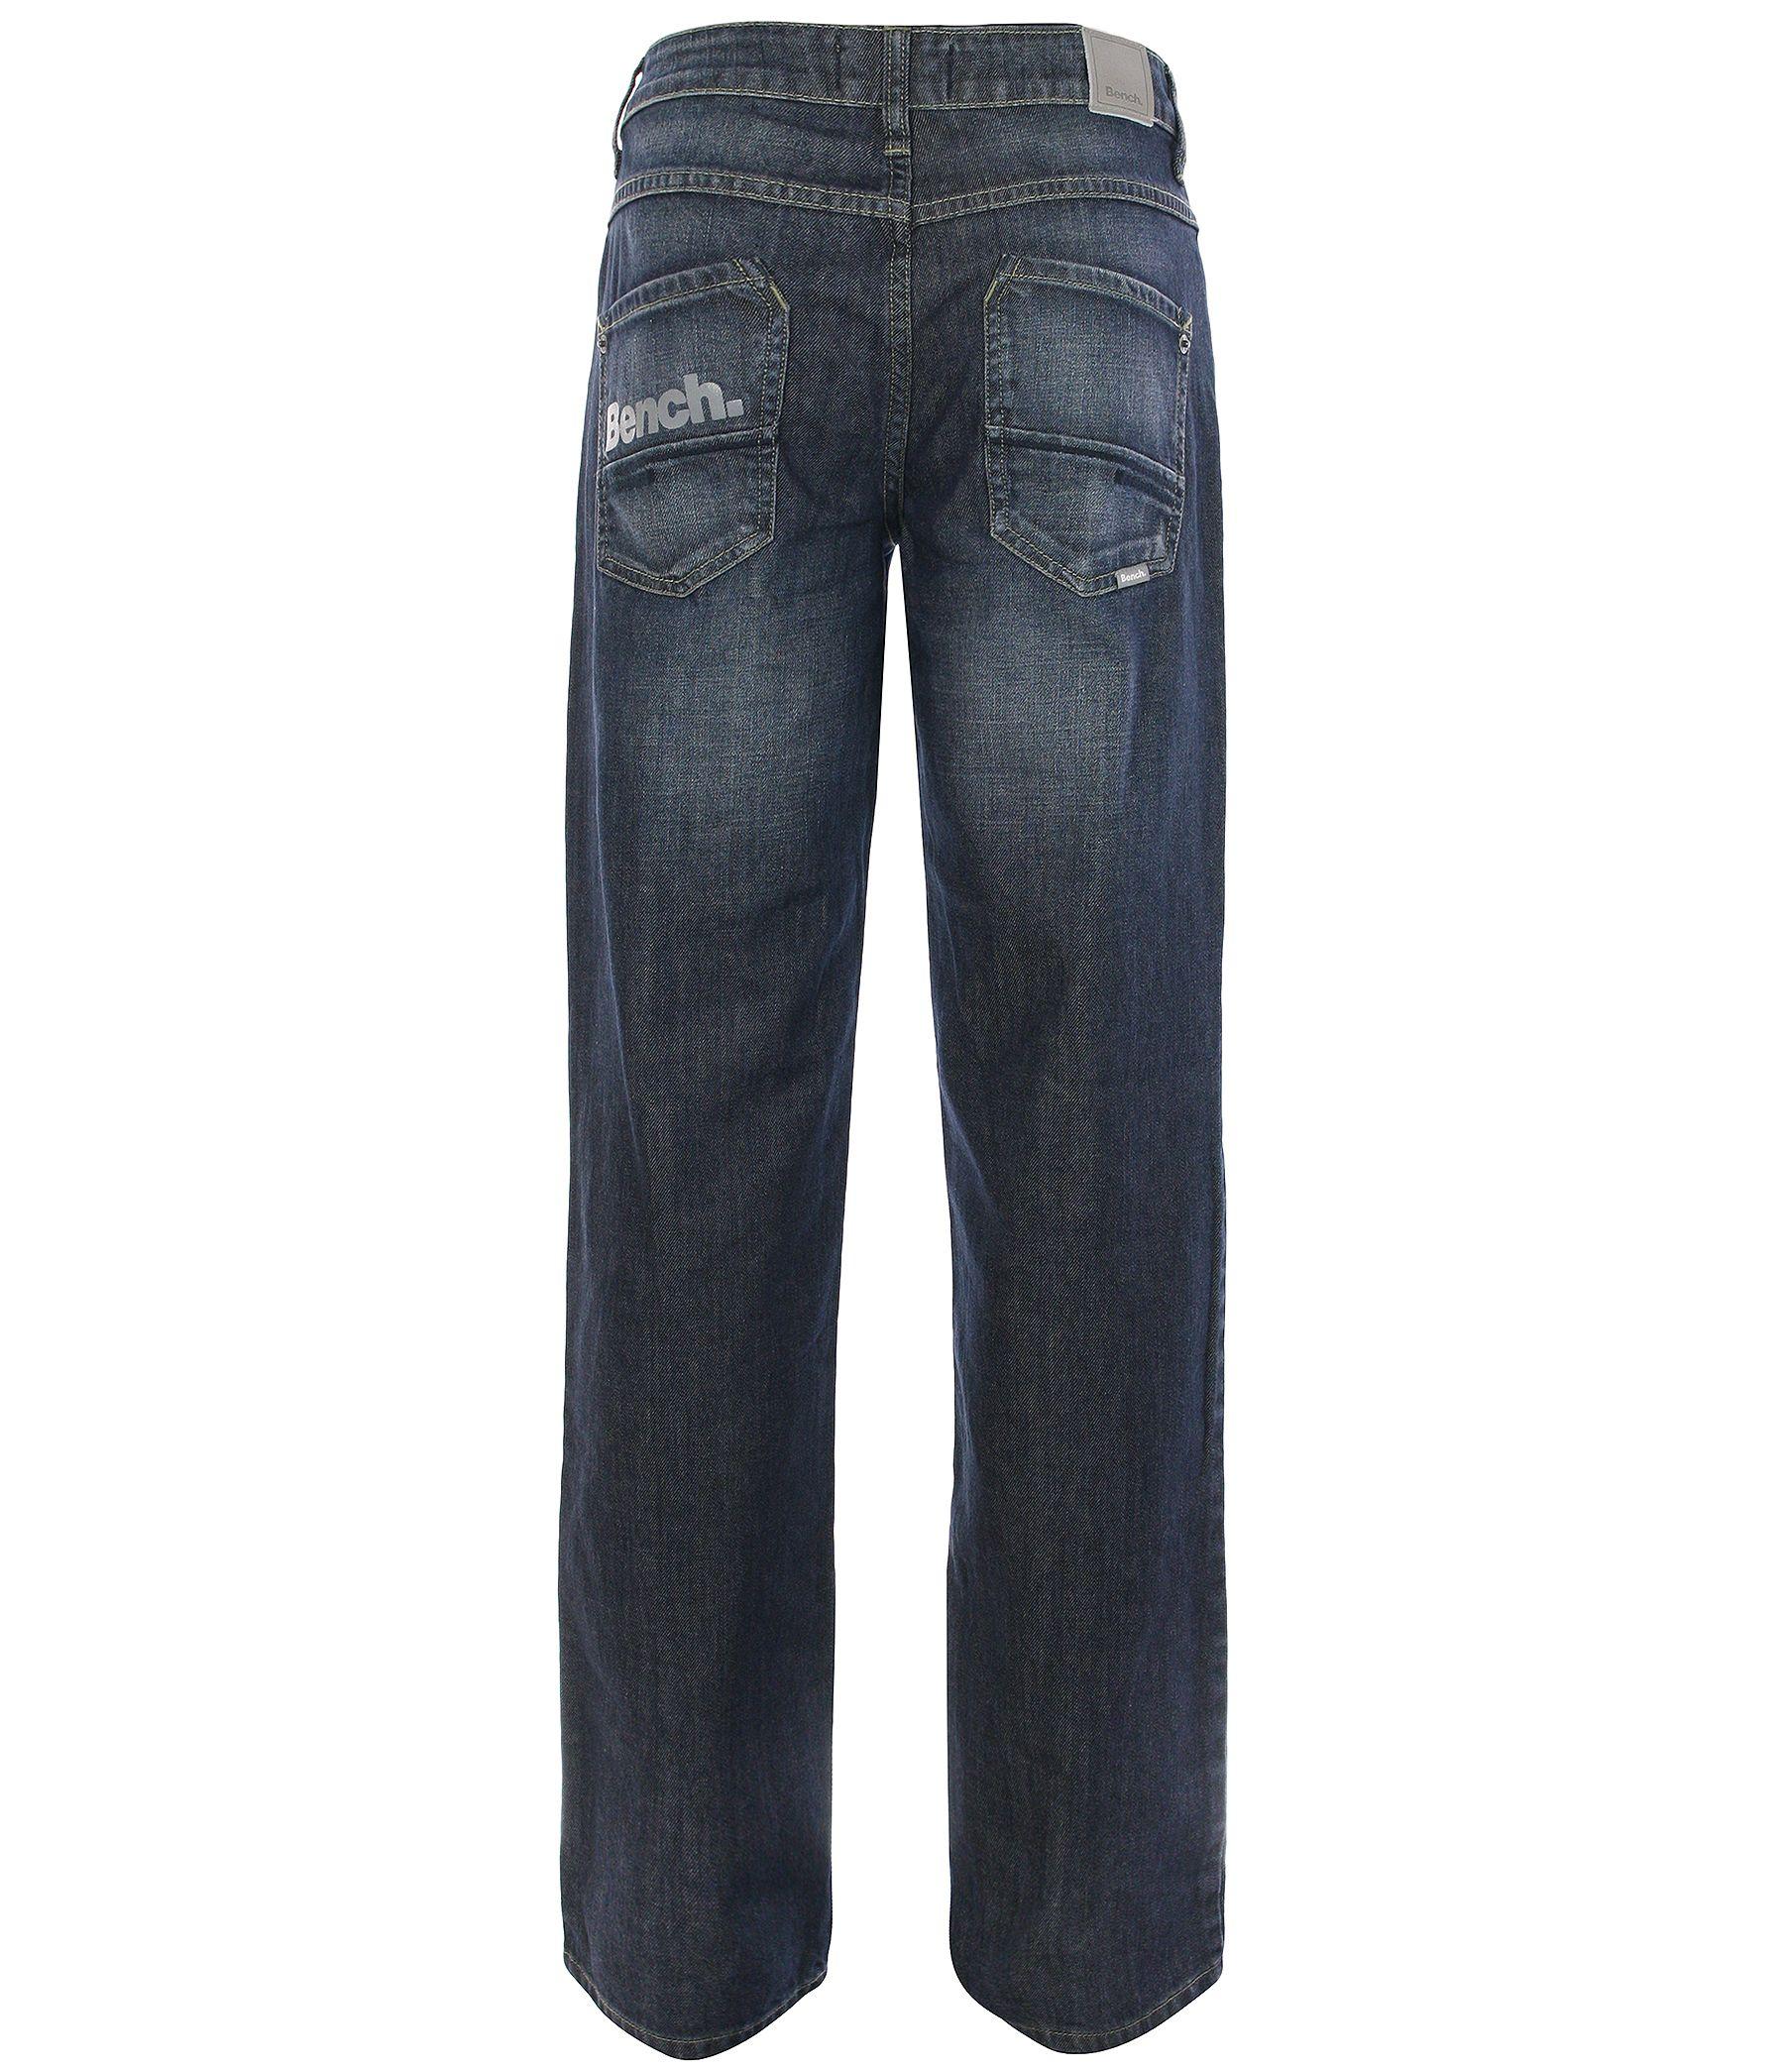 oakley jeans loose fit heritage malta. Black Bedroom Furniture Sets. Home Design Ideas